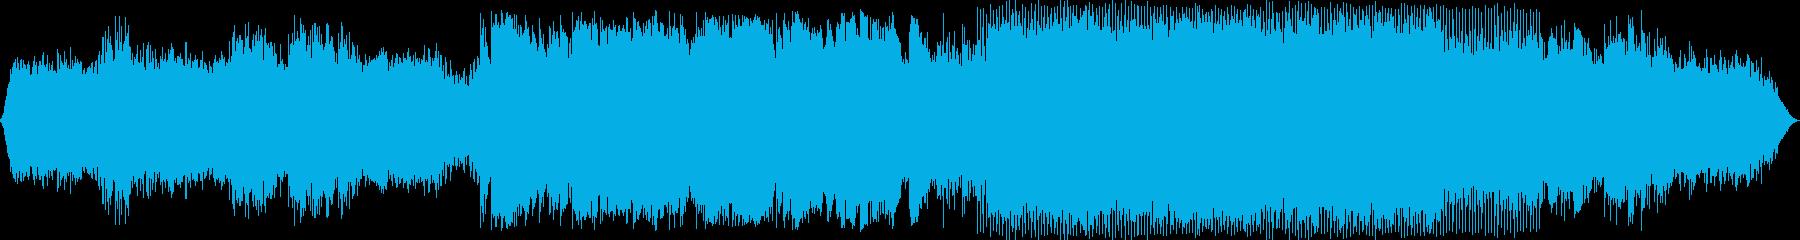 エレクトロニック 説明的 静か ク...の再生済みの波形